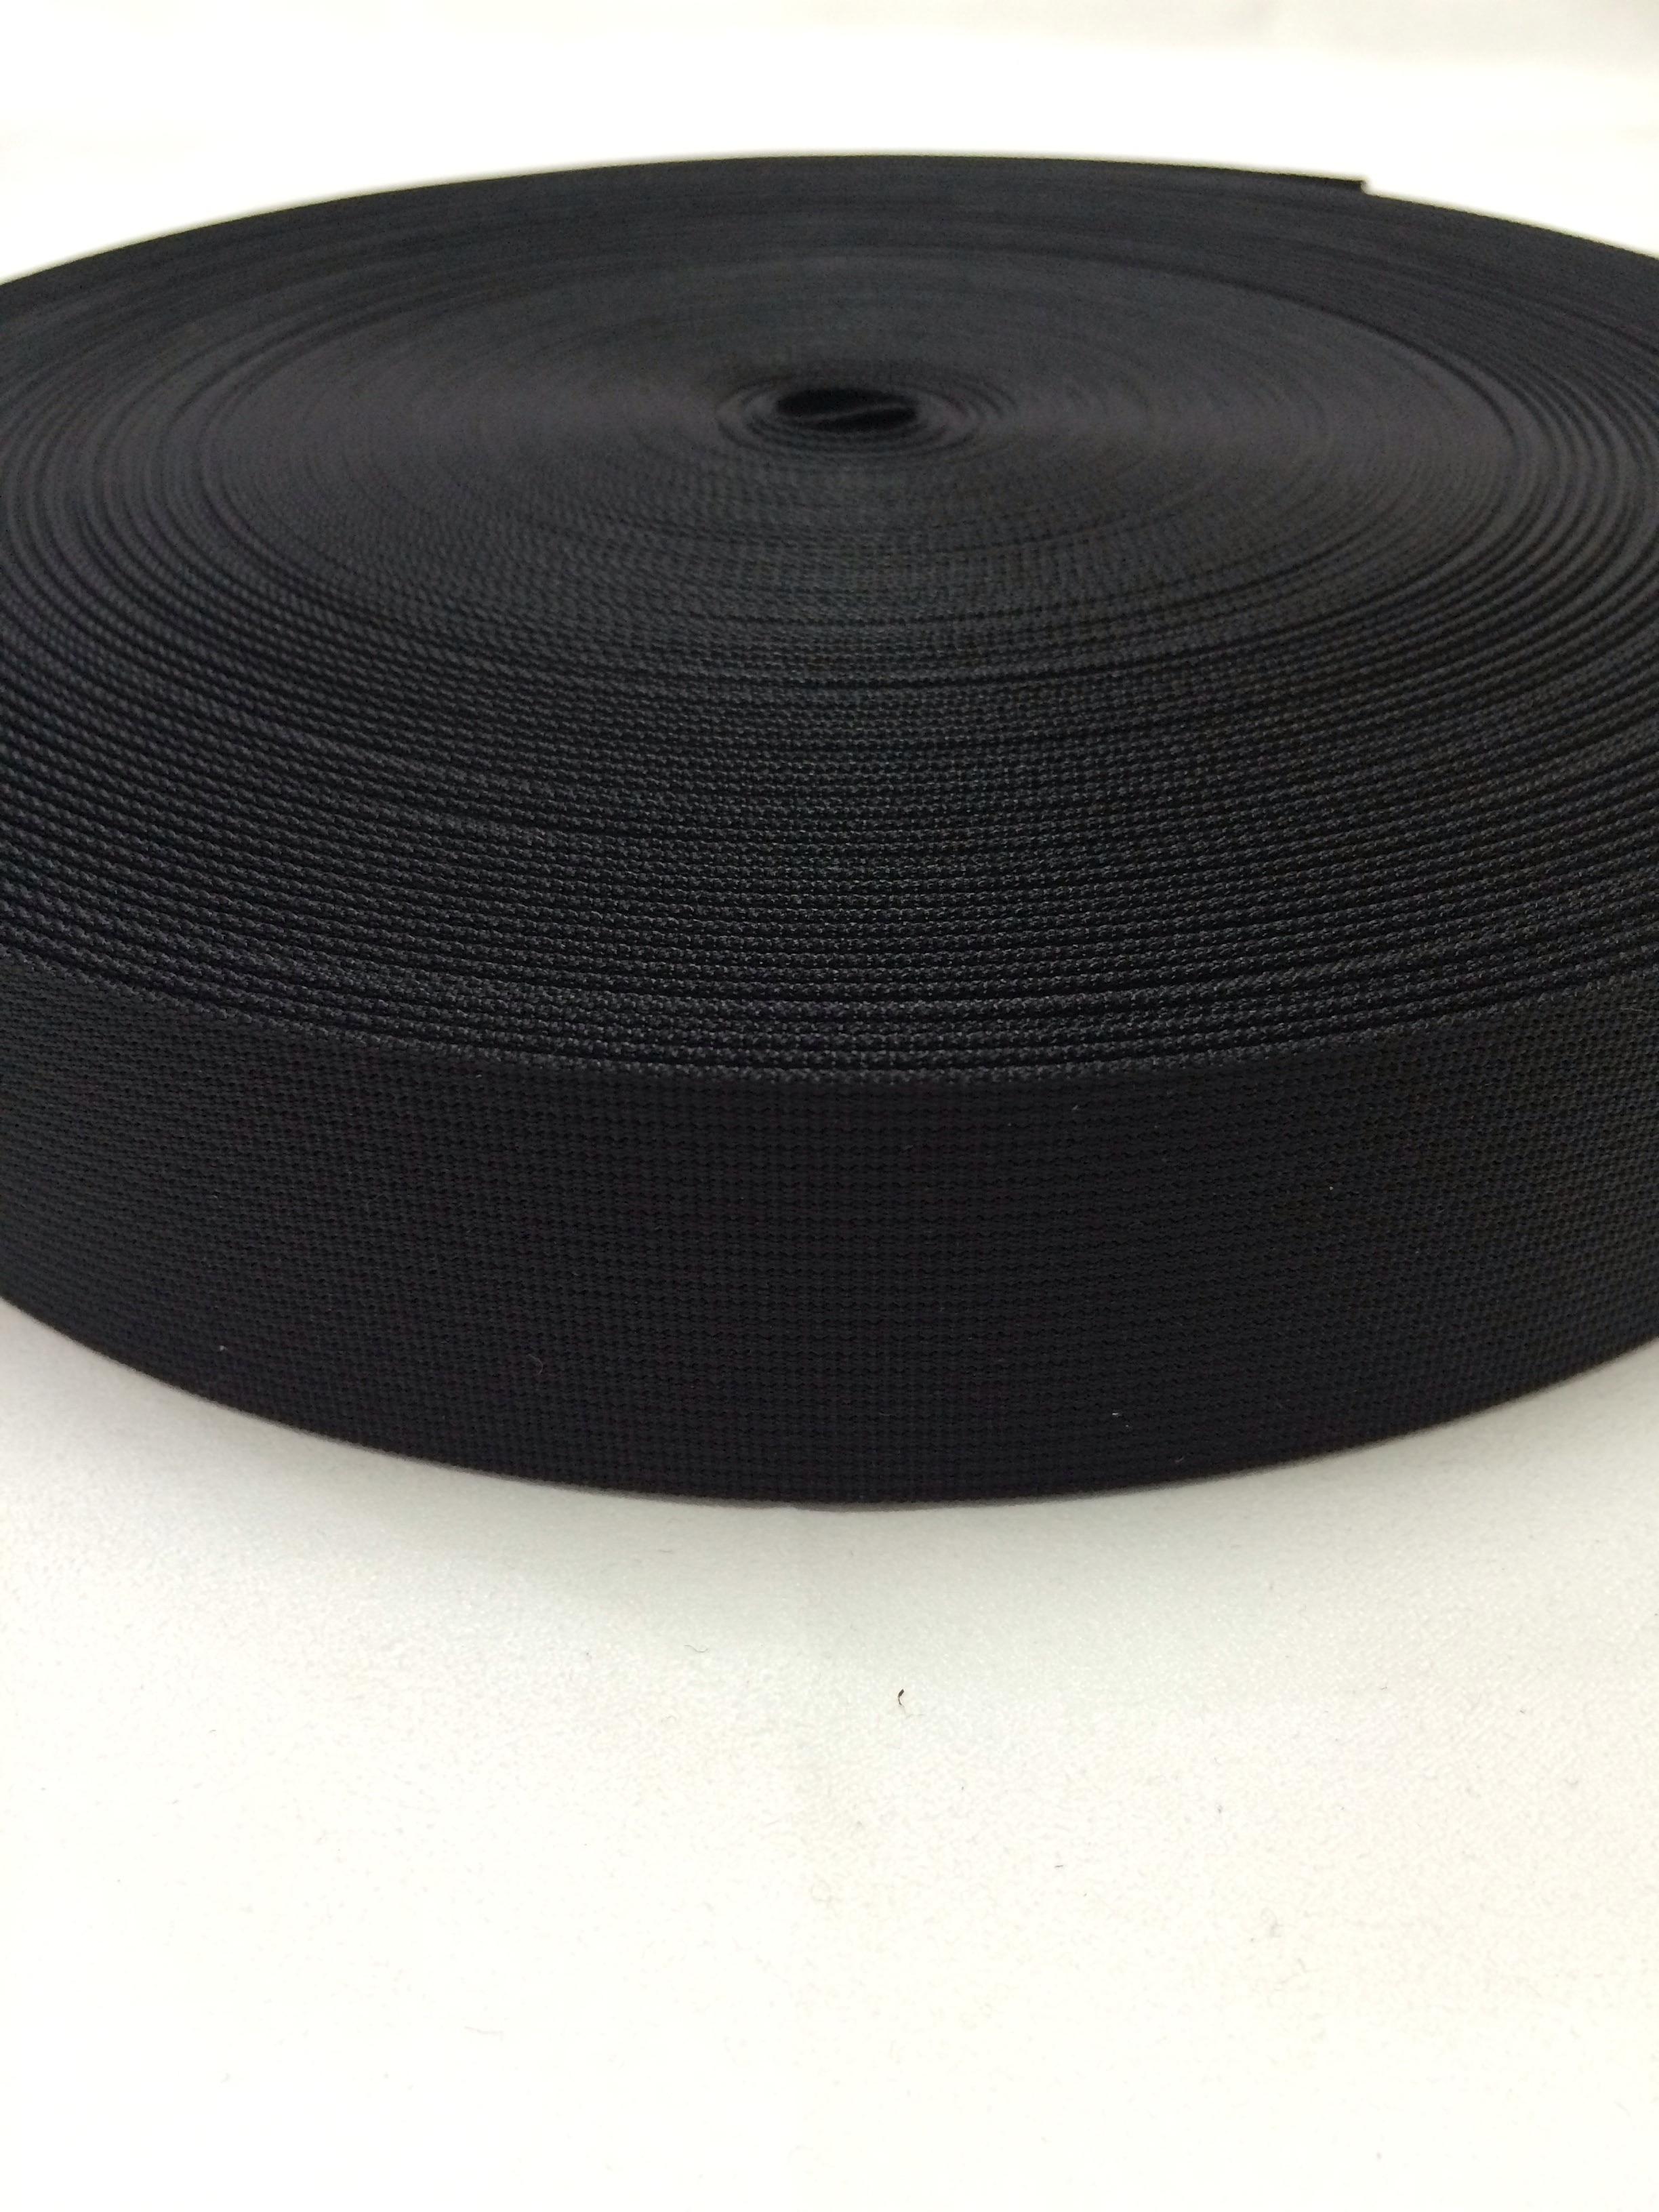 サコッシュなどに、ナイロン ベルト 高密度 15mm幅 1mm厚 黒 5m